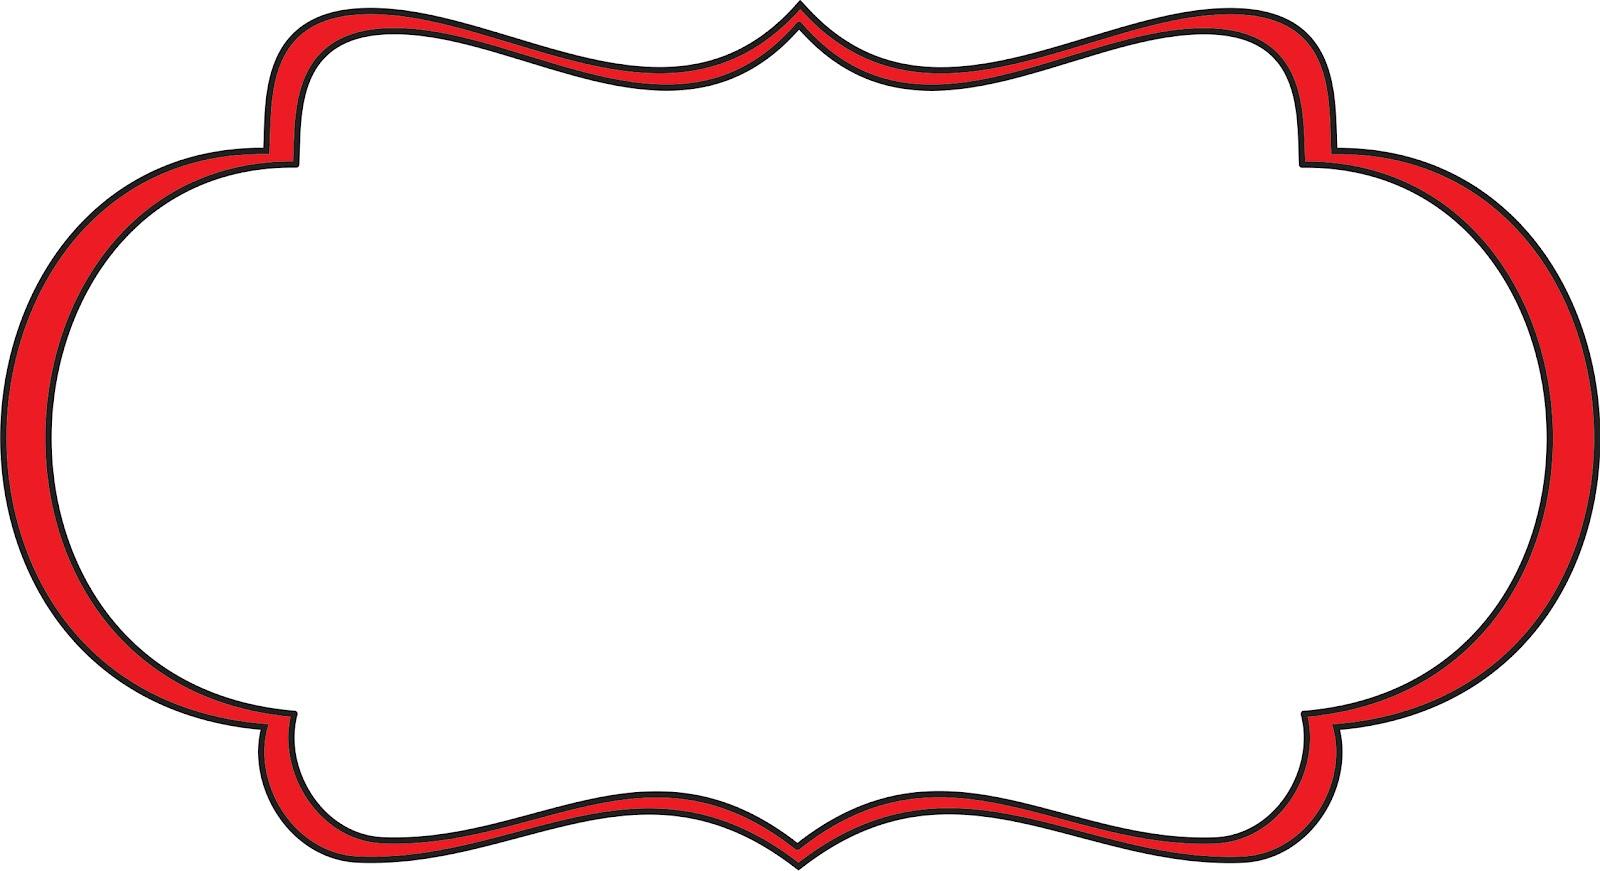 Clip Art Borders - Clipart Bay